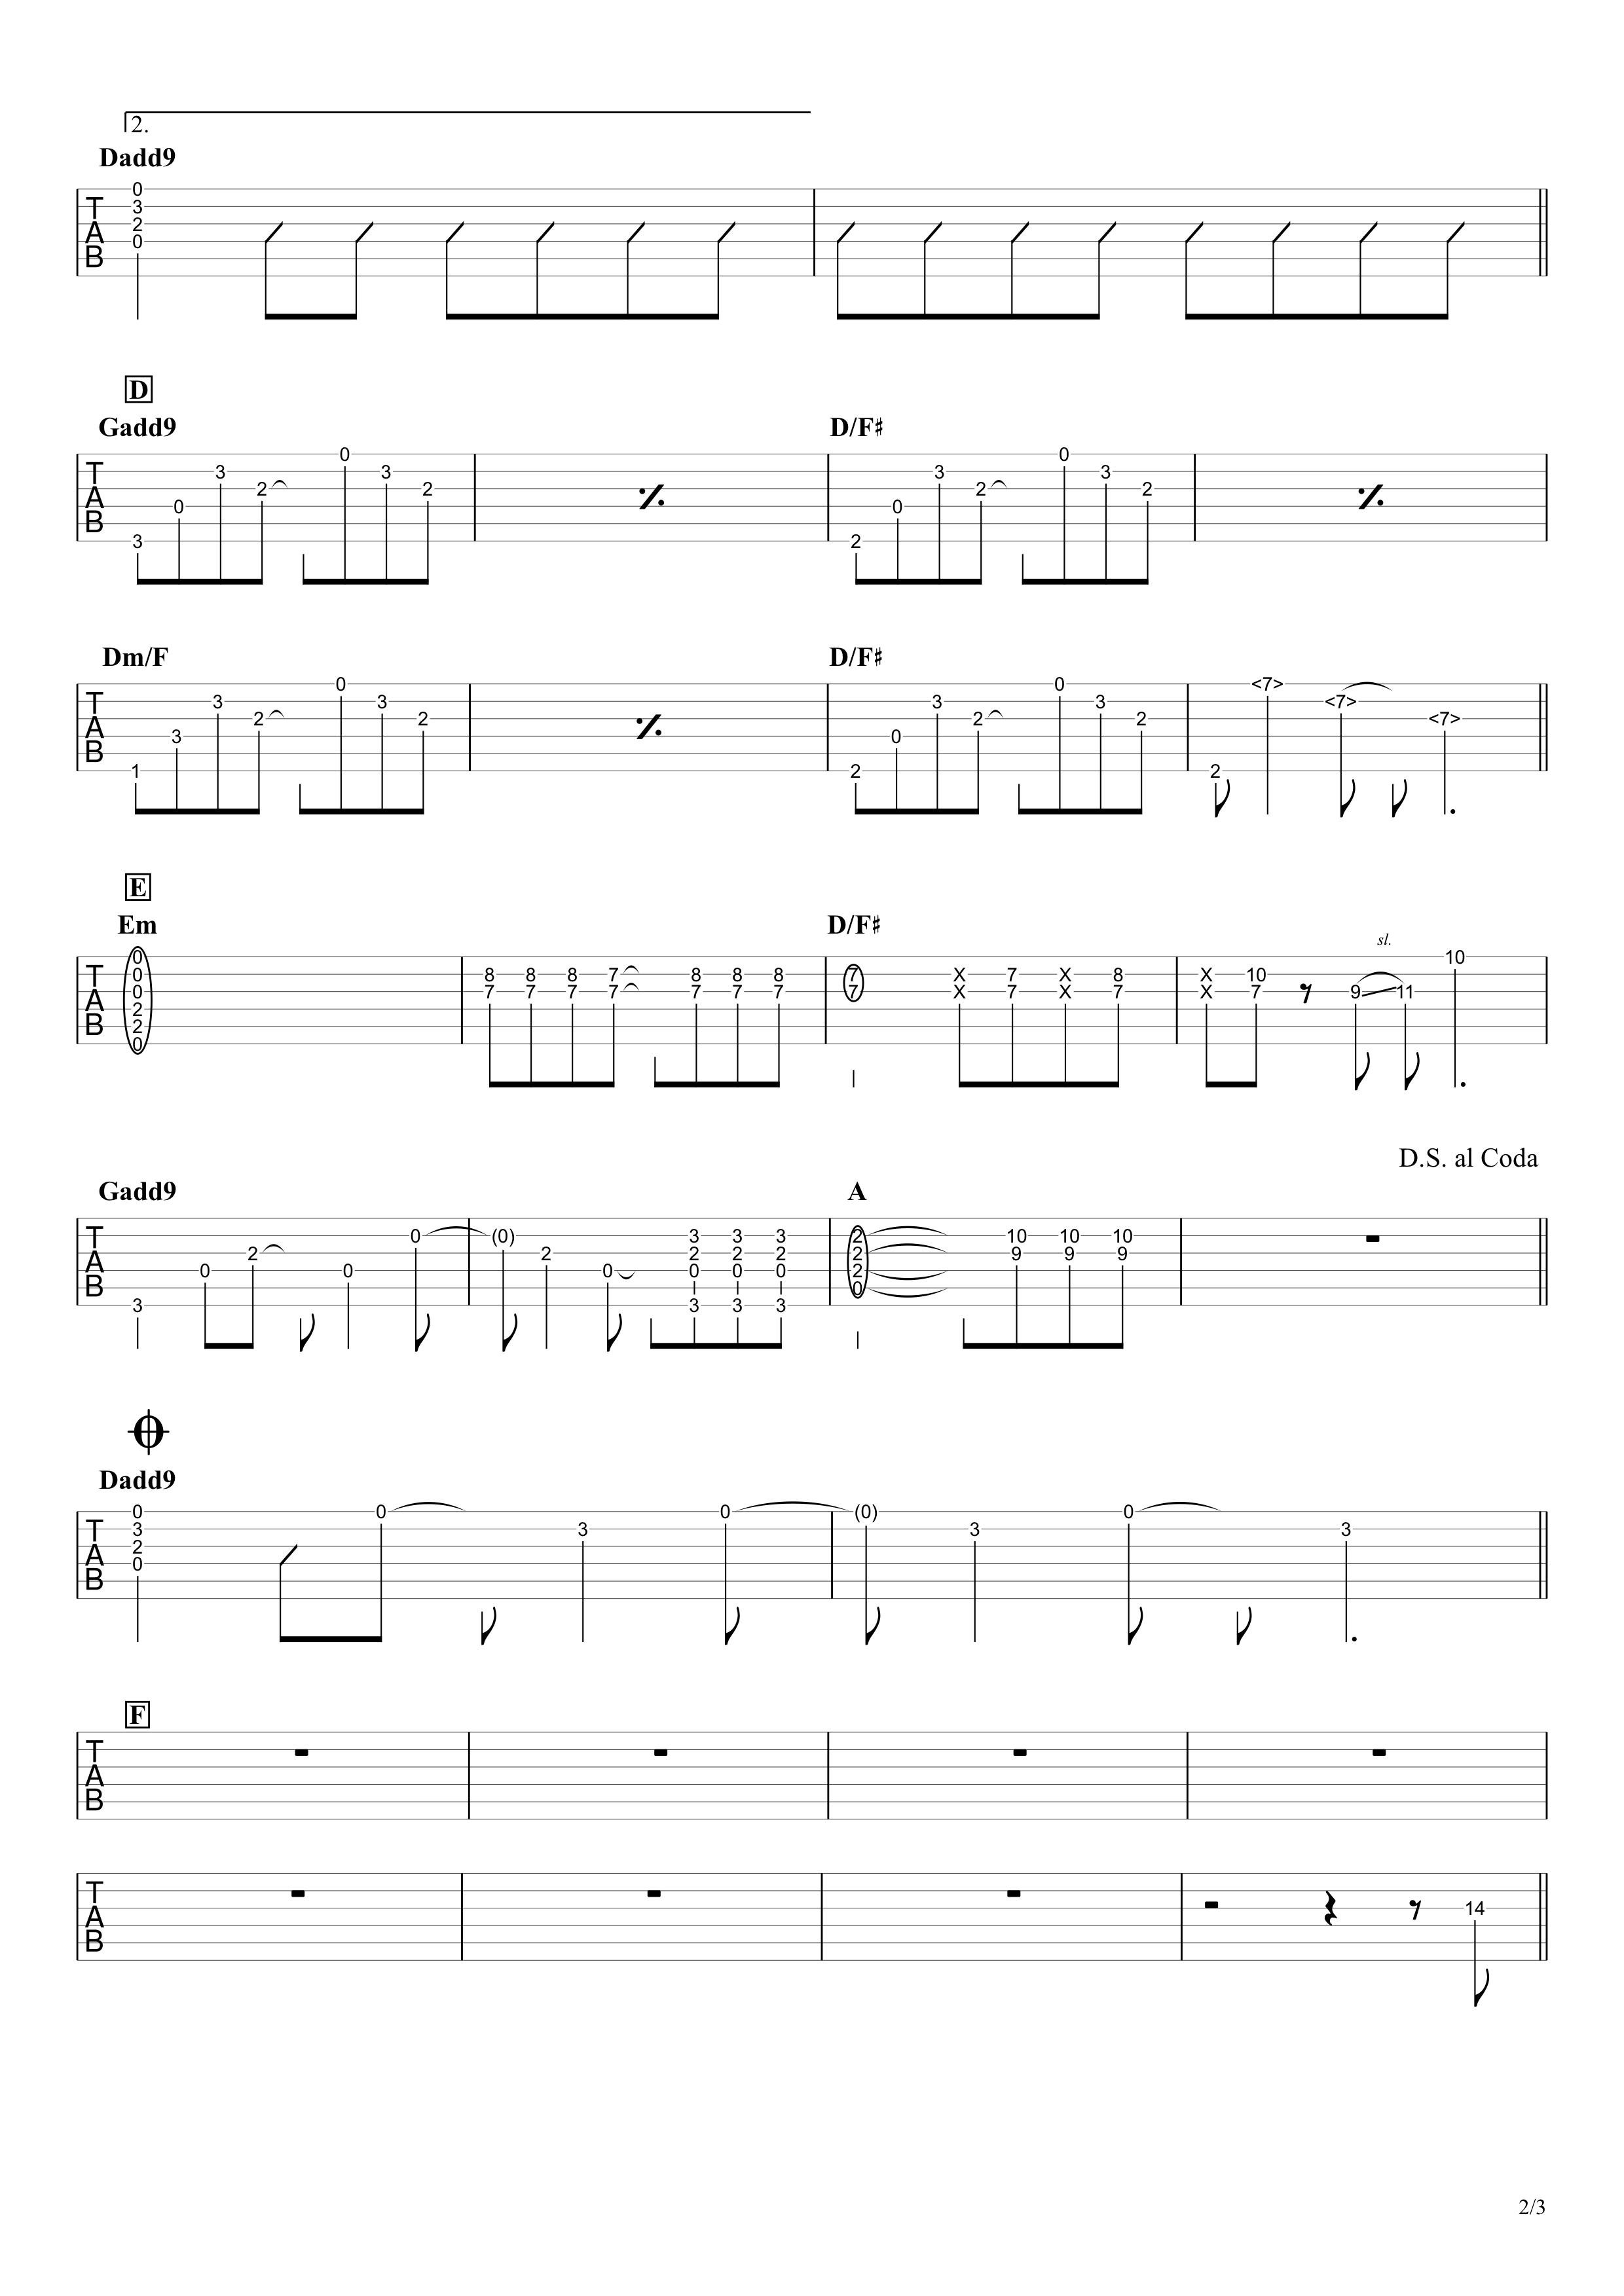 怪獣の花唄/Vaundy ギタータブ譜 アルペジオ&コードストロークで弾くVer.02